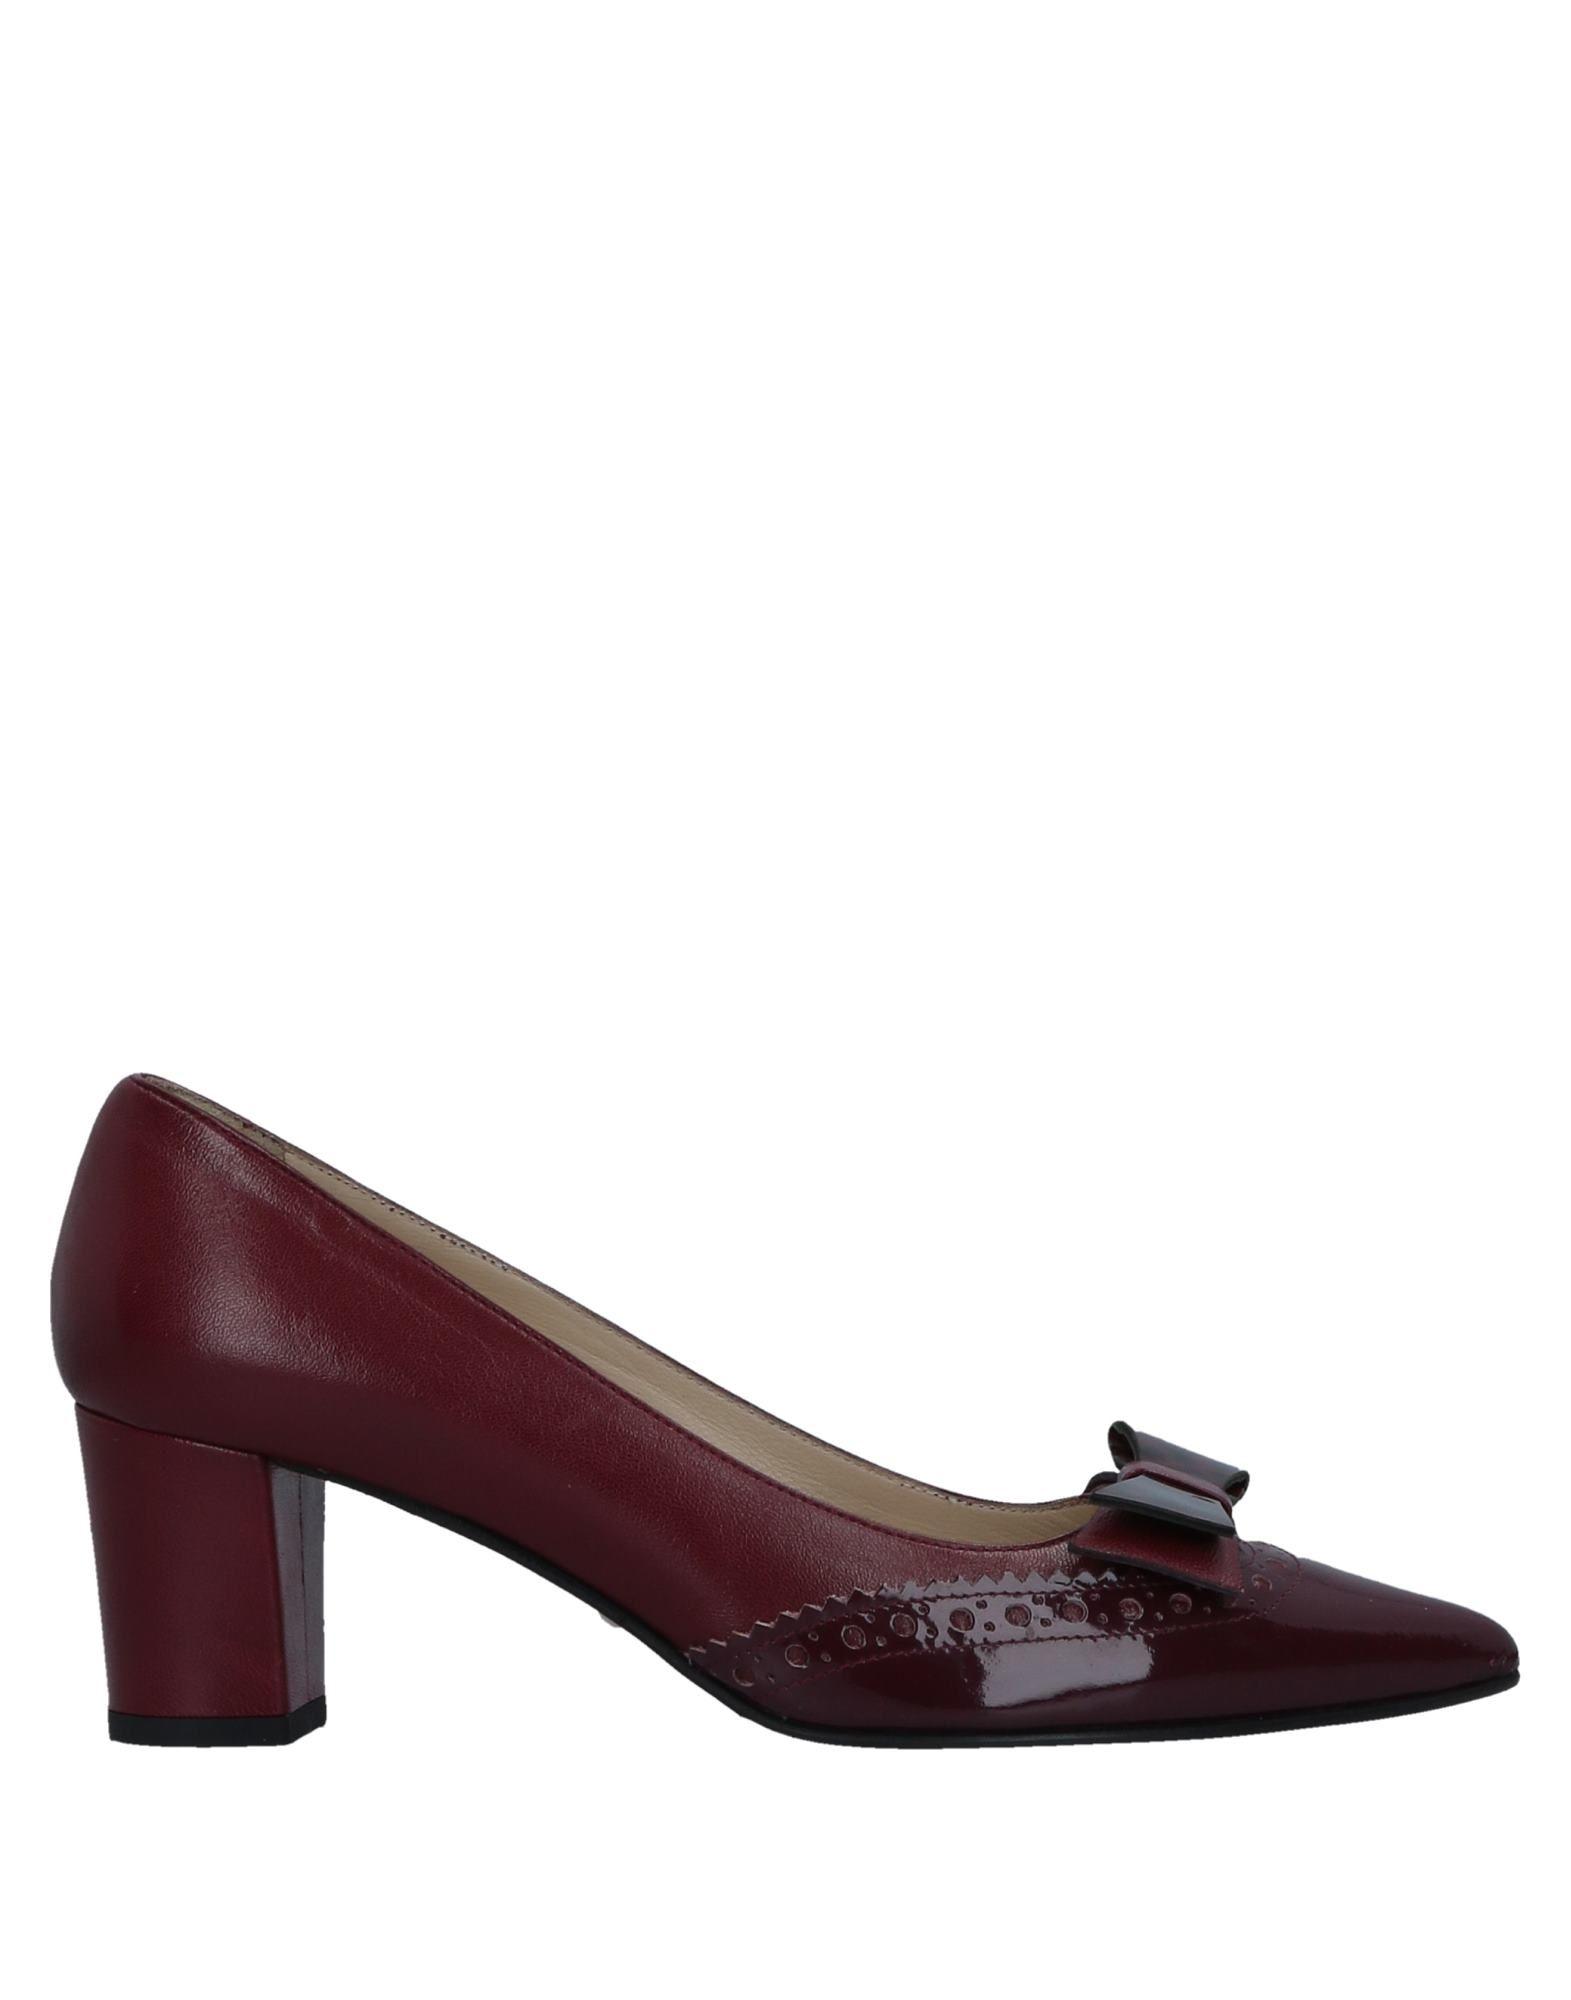 Décolleté Rouge Donna elegante - 11524974WR elegante Donna 693b1e